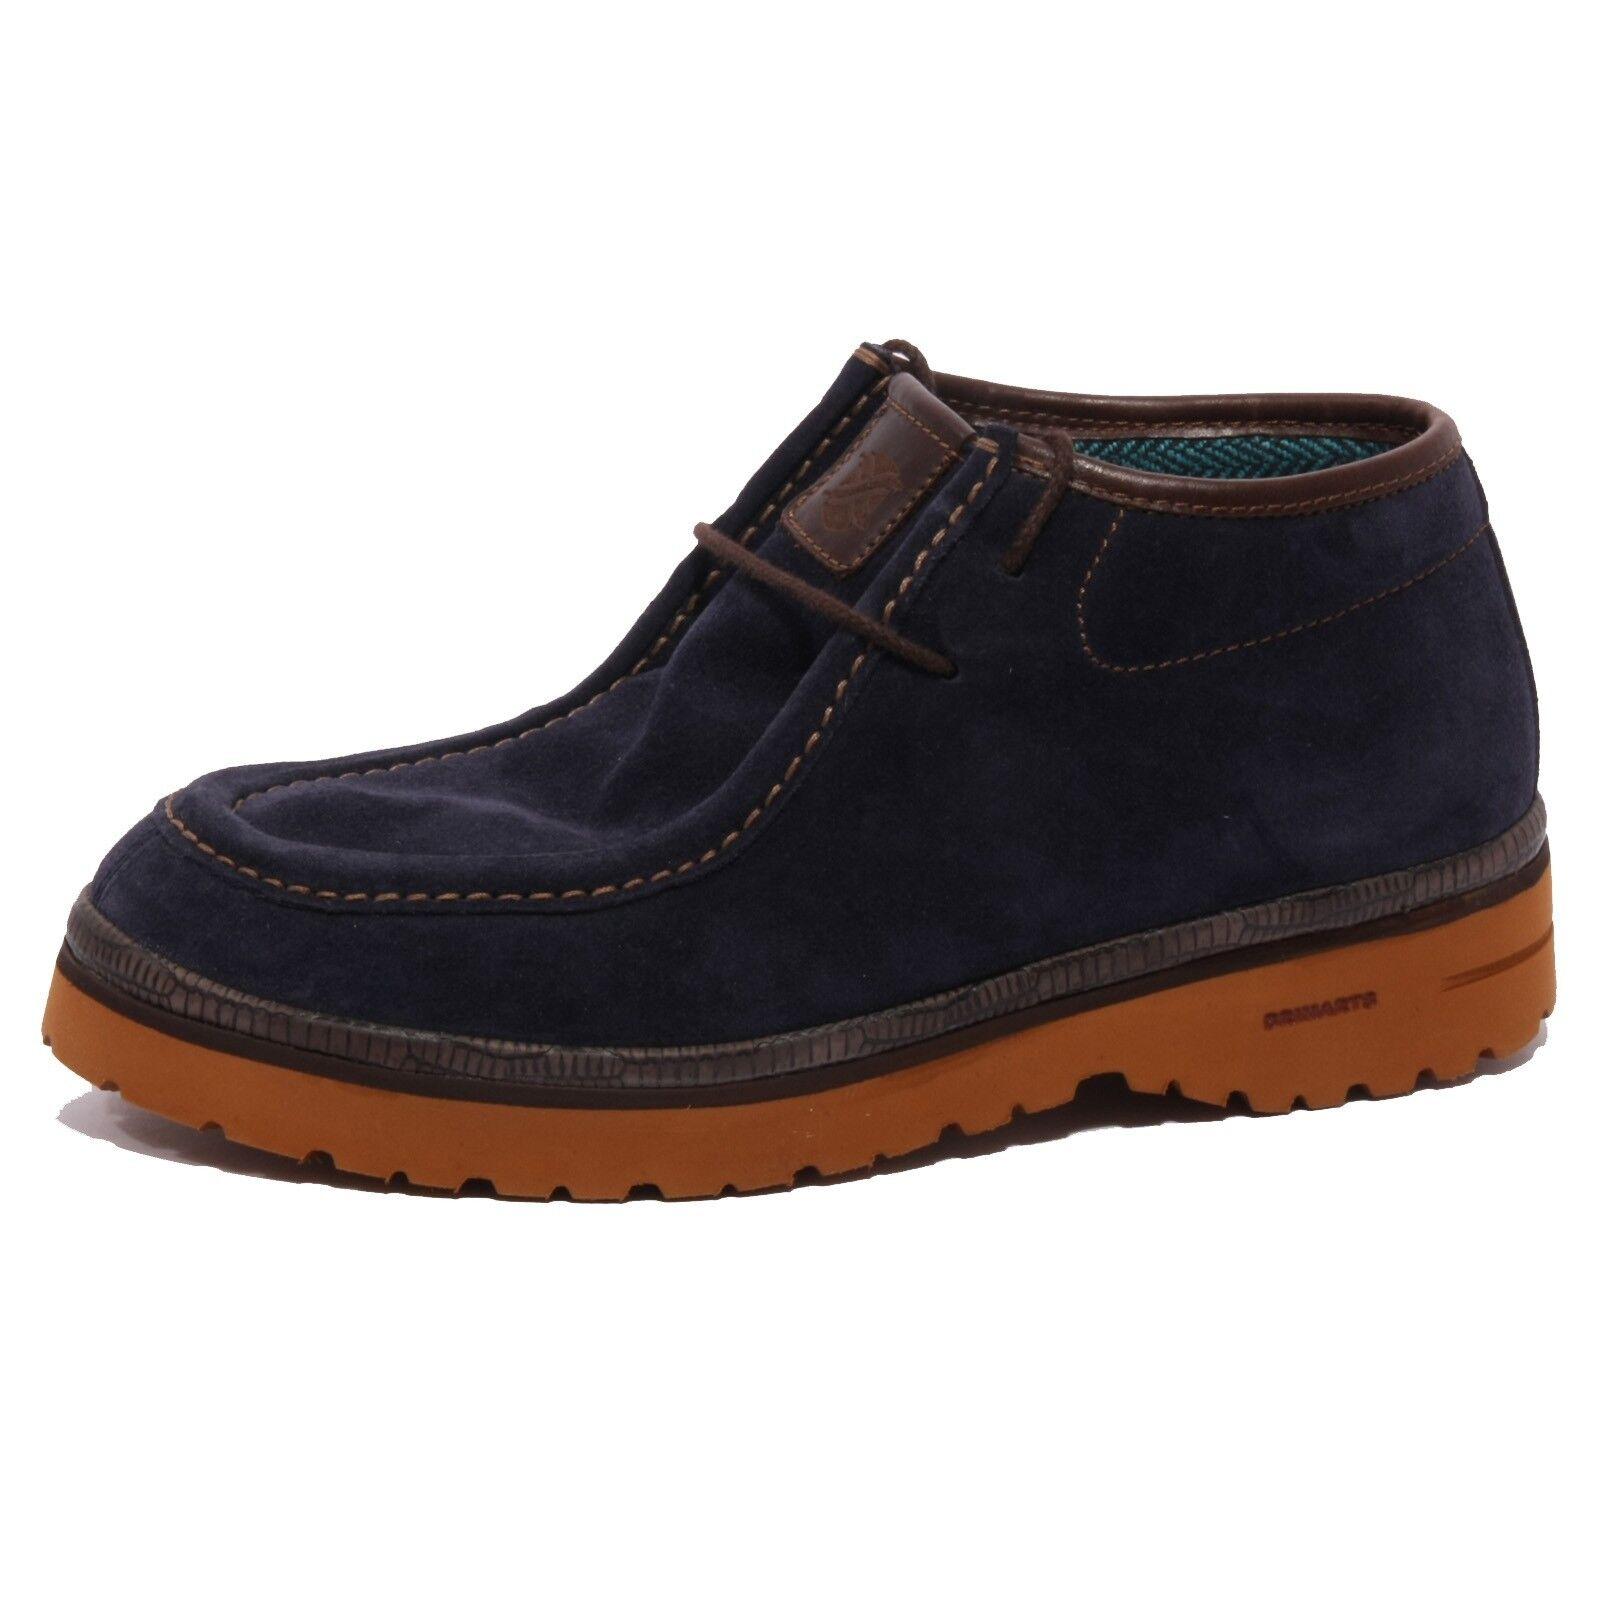 B1347 polacchino uomo BRIMARTS blu scarpa suede shoe men